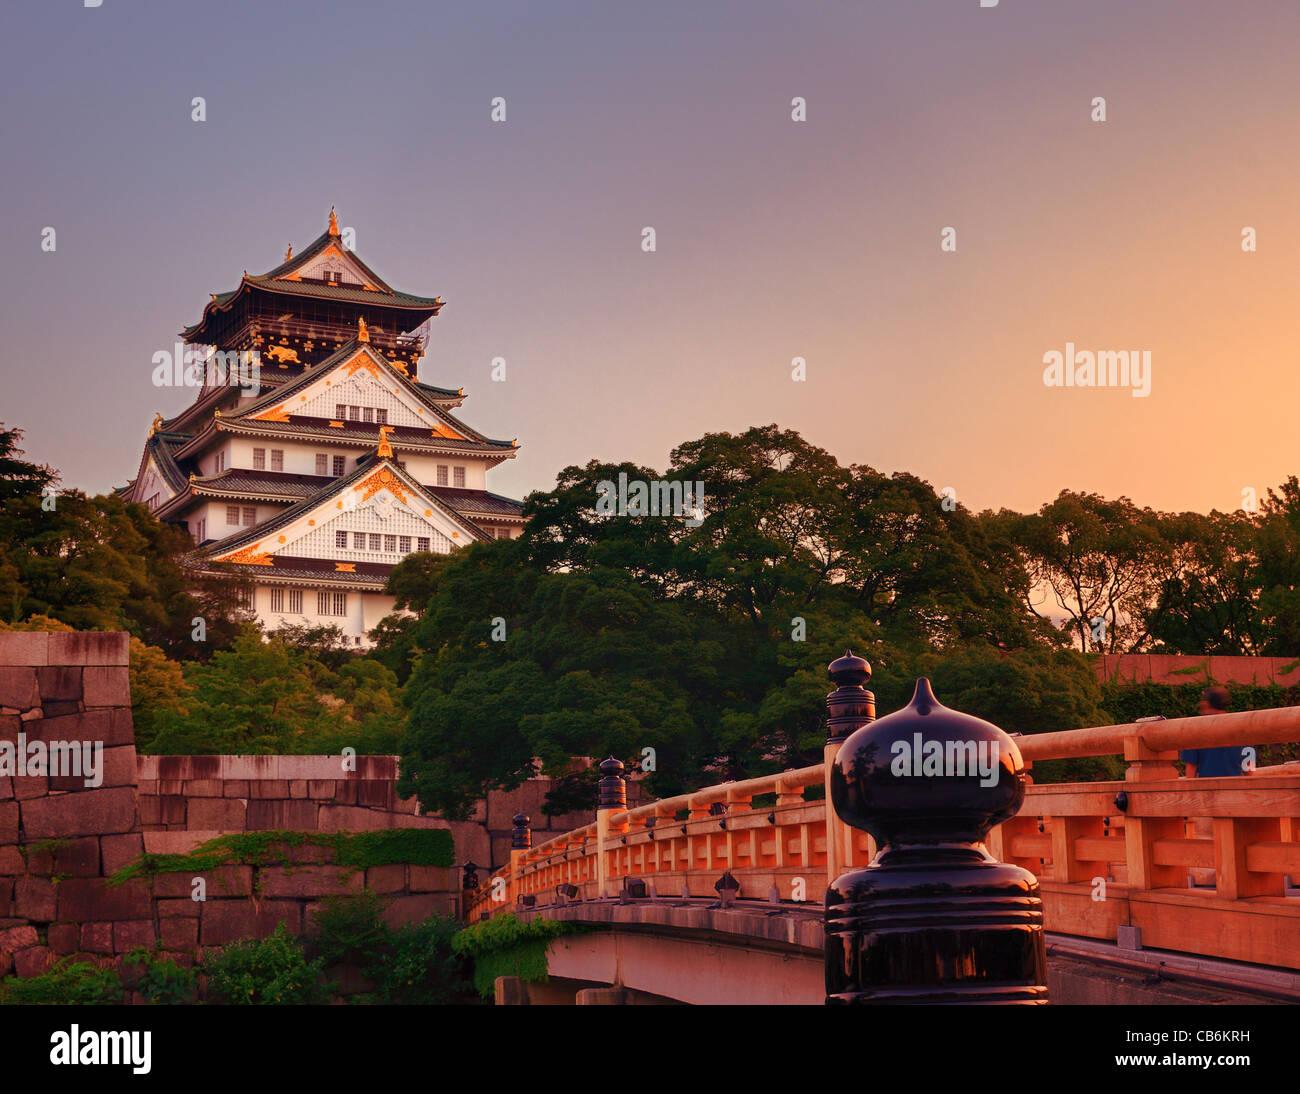 Il Castello di Osaka a Osaka, in Giappone. Immagini Stock